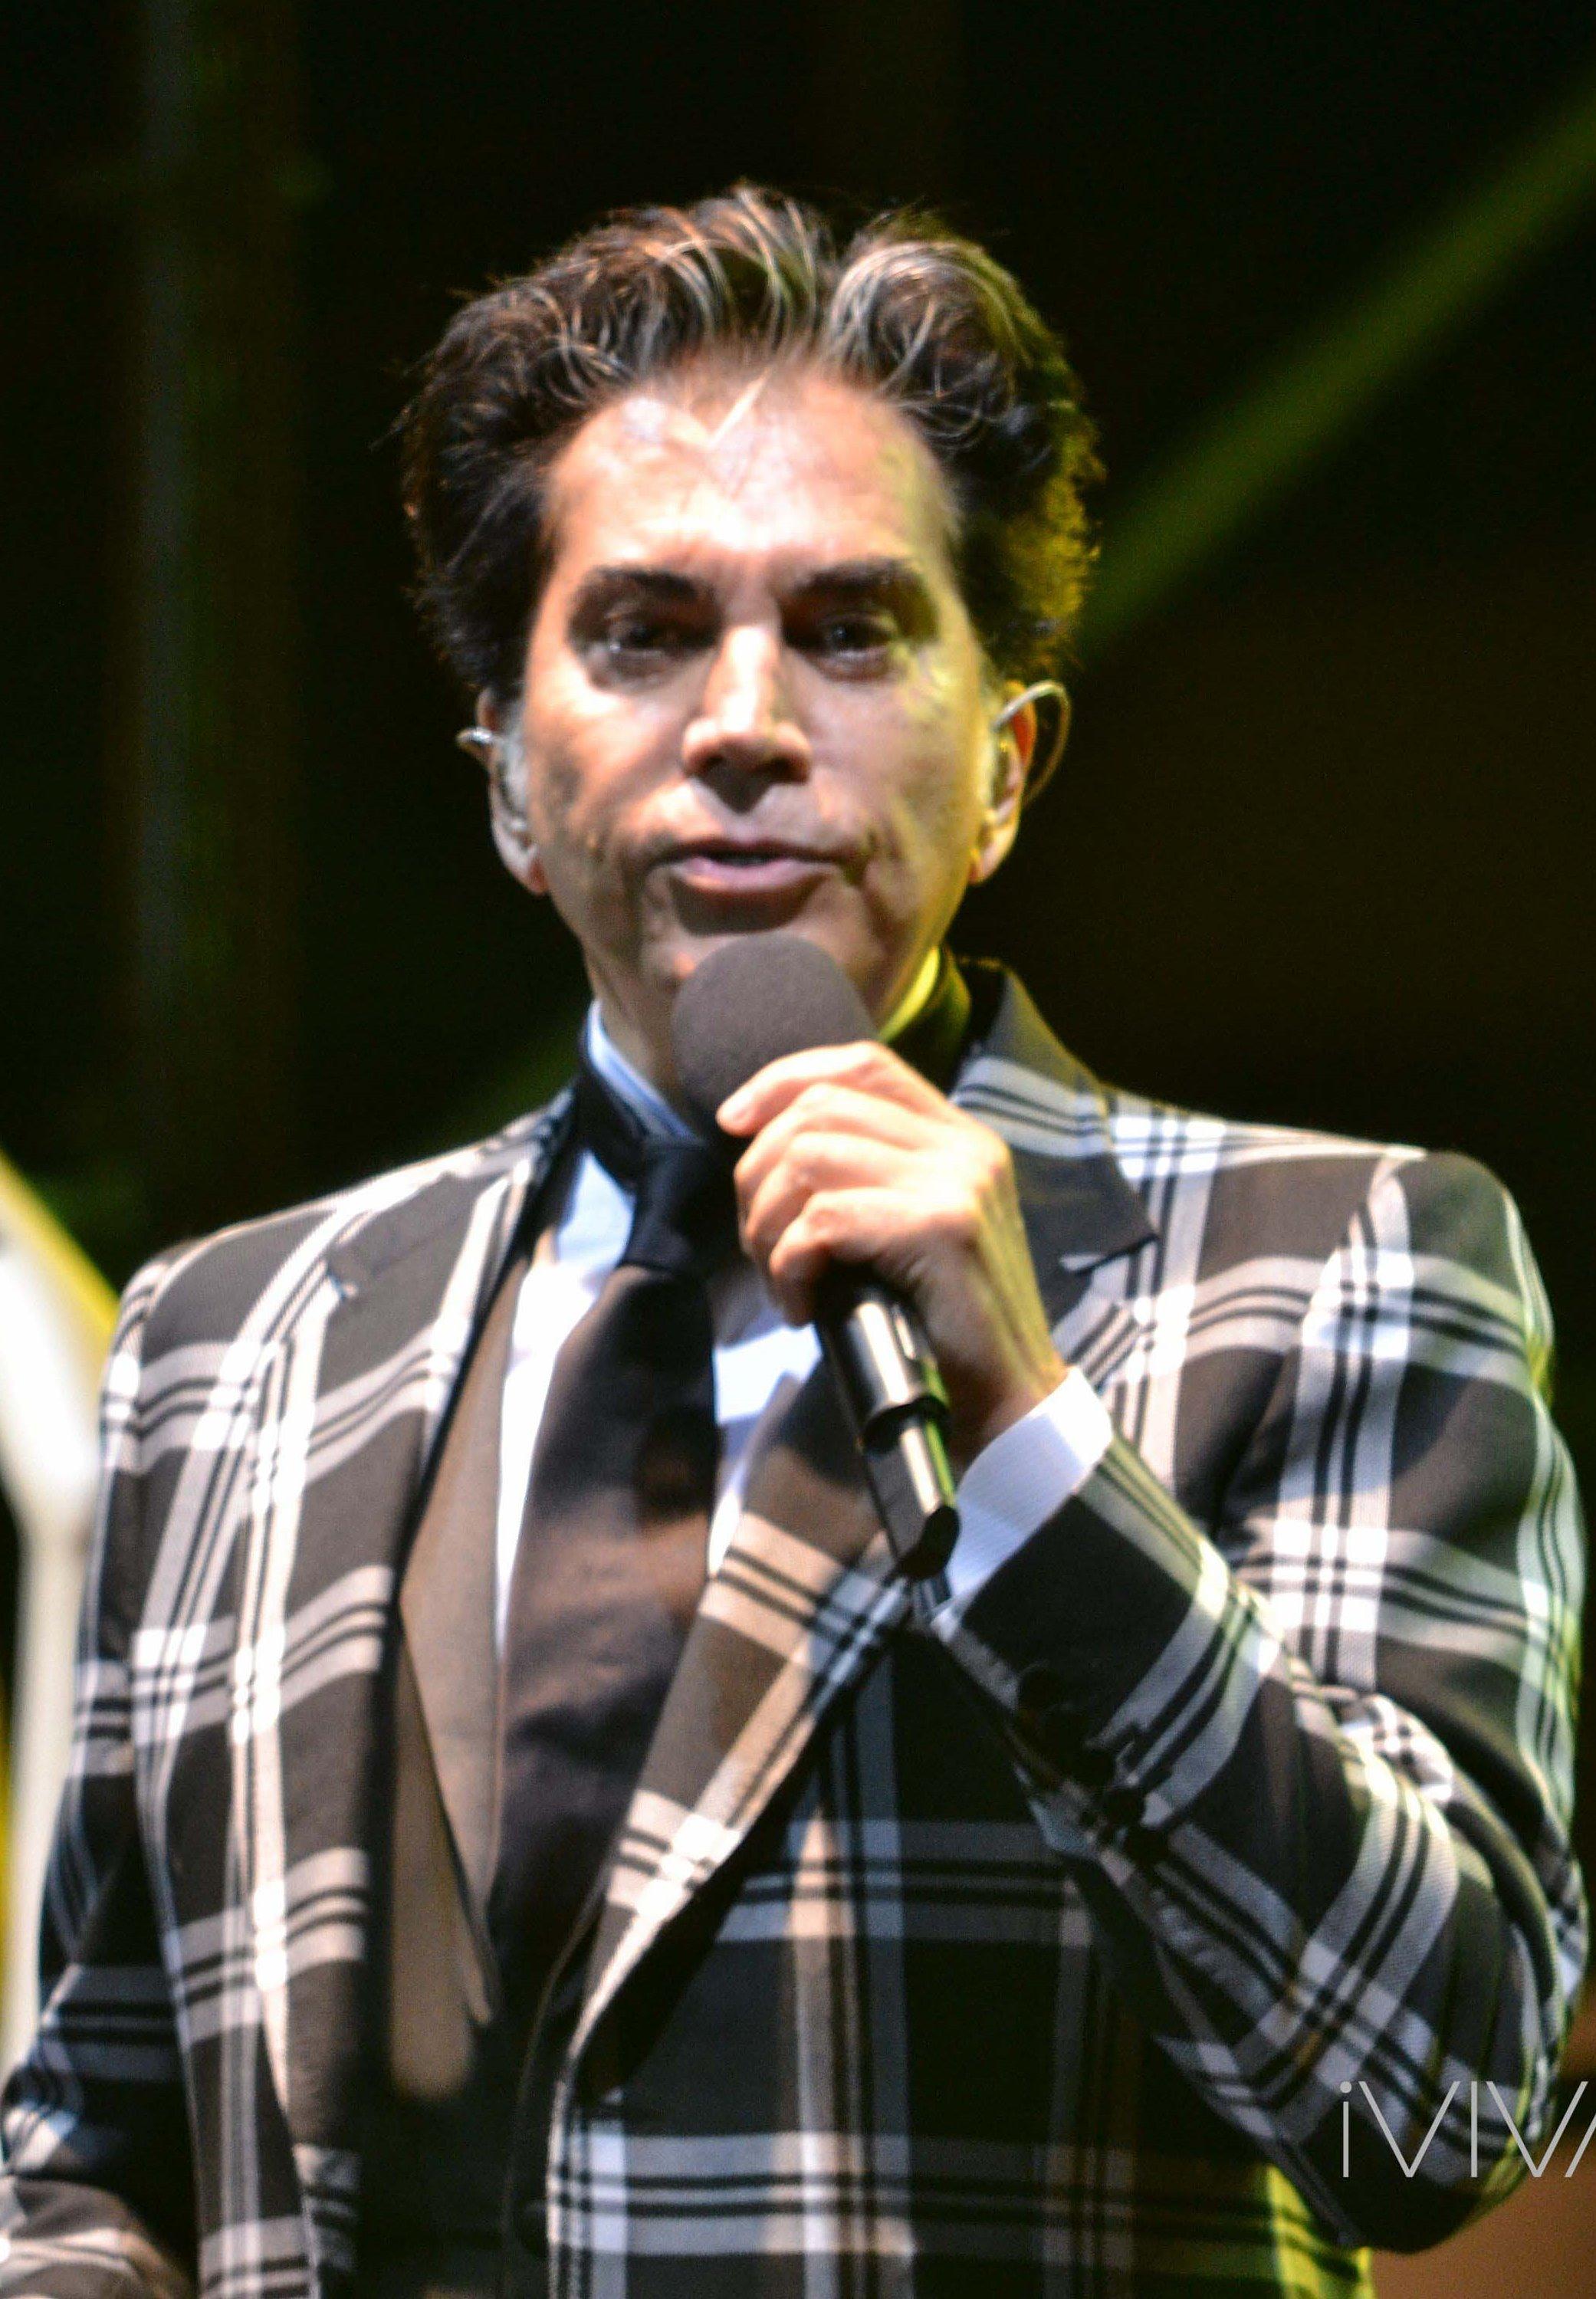 super promocje amazonka najlepiej tanio José Luis Rodríguez (singer) - Wikipedia